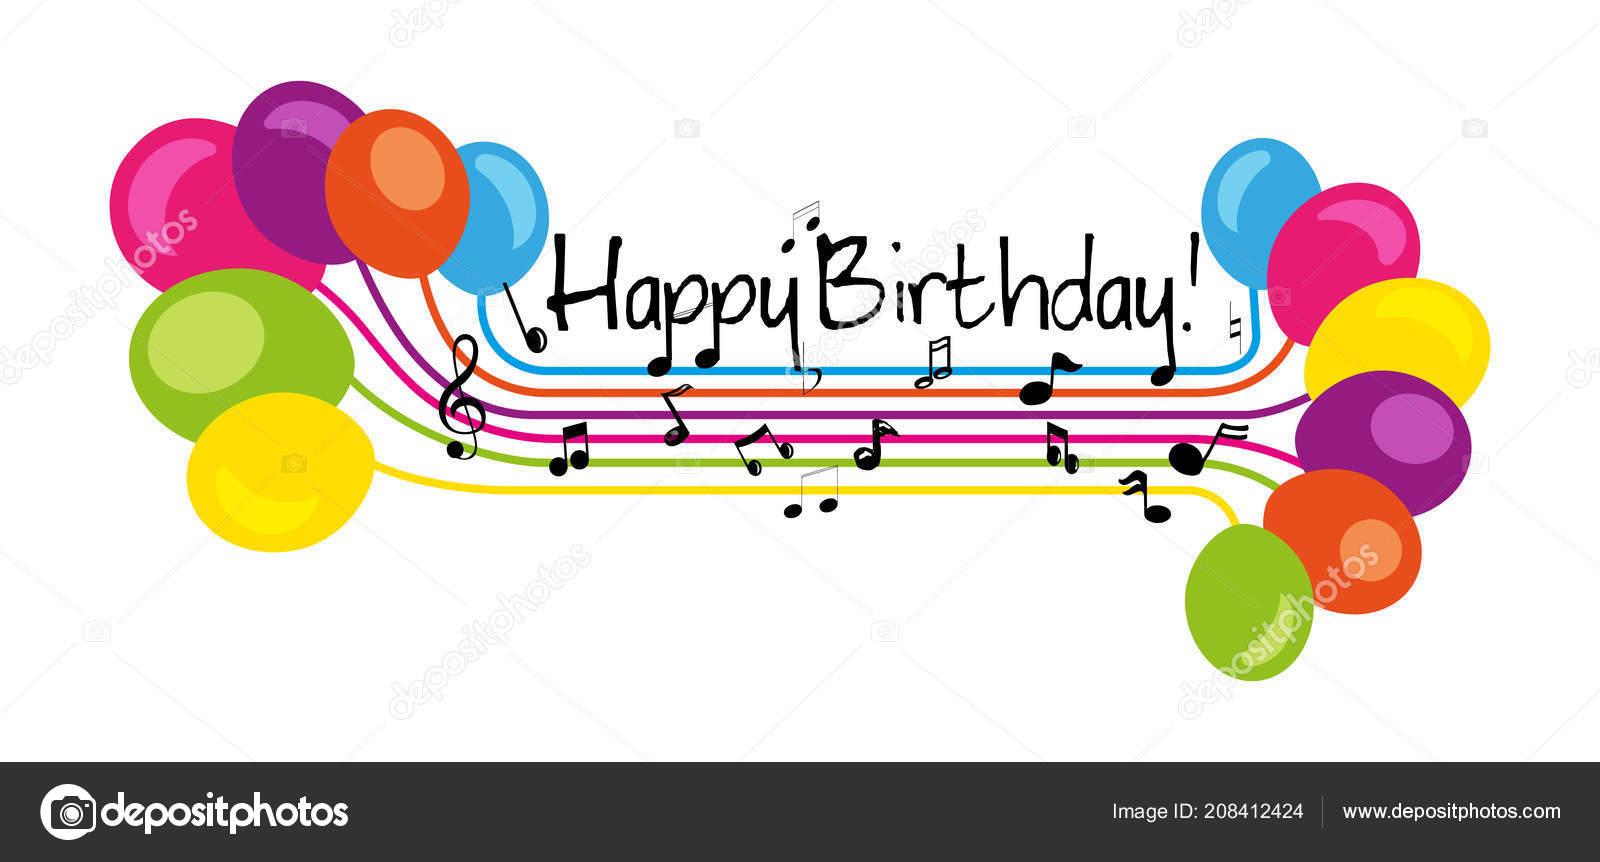 Gezeichnete Handzeichen Happy Birthday Musik Daube Stil Isoliert Auf Weissem Hintergrund Vektor Stockillustration